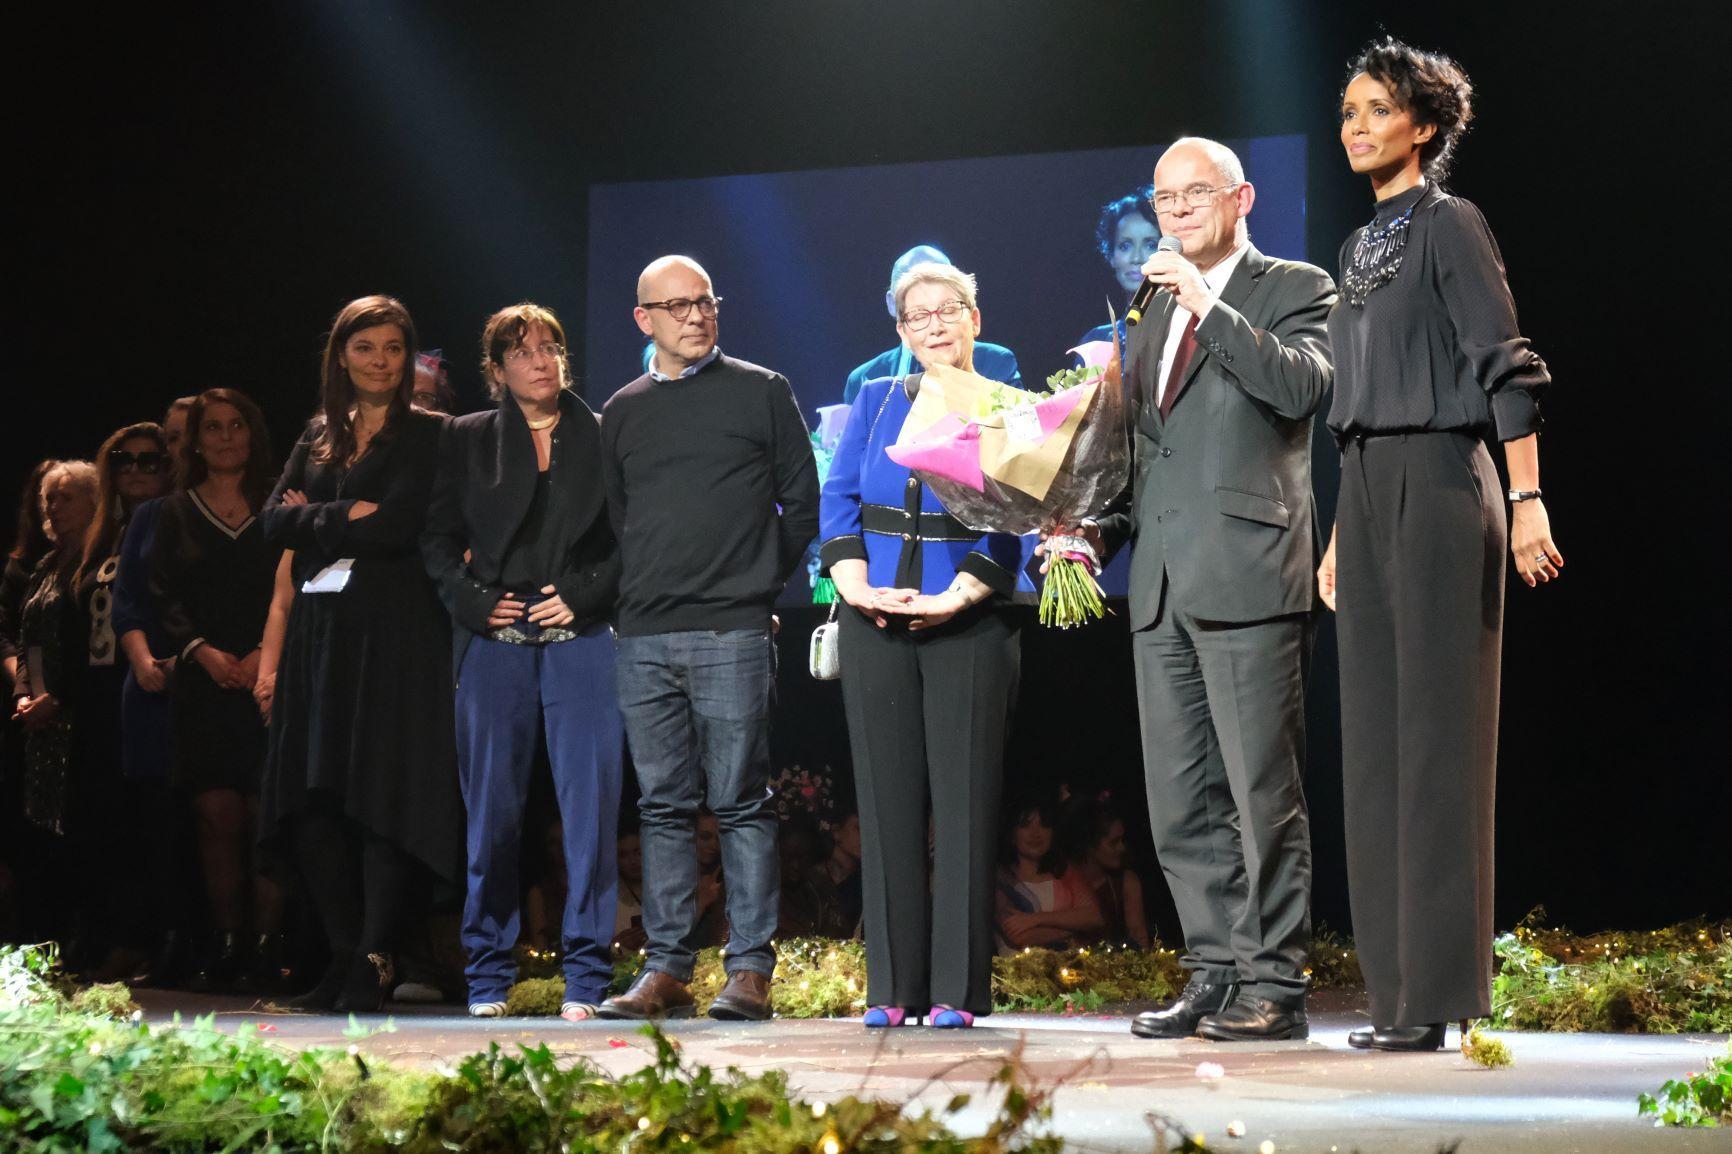 Le jury composé de créateurs et de membres de LVMH